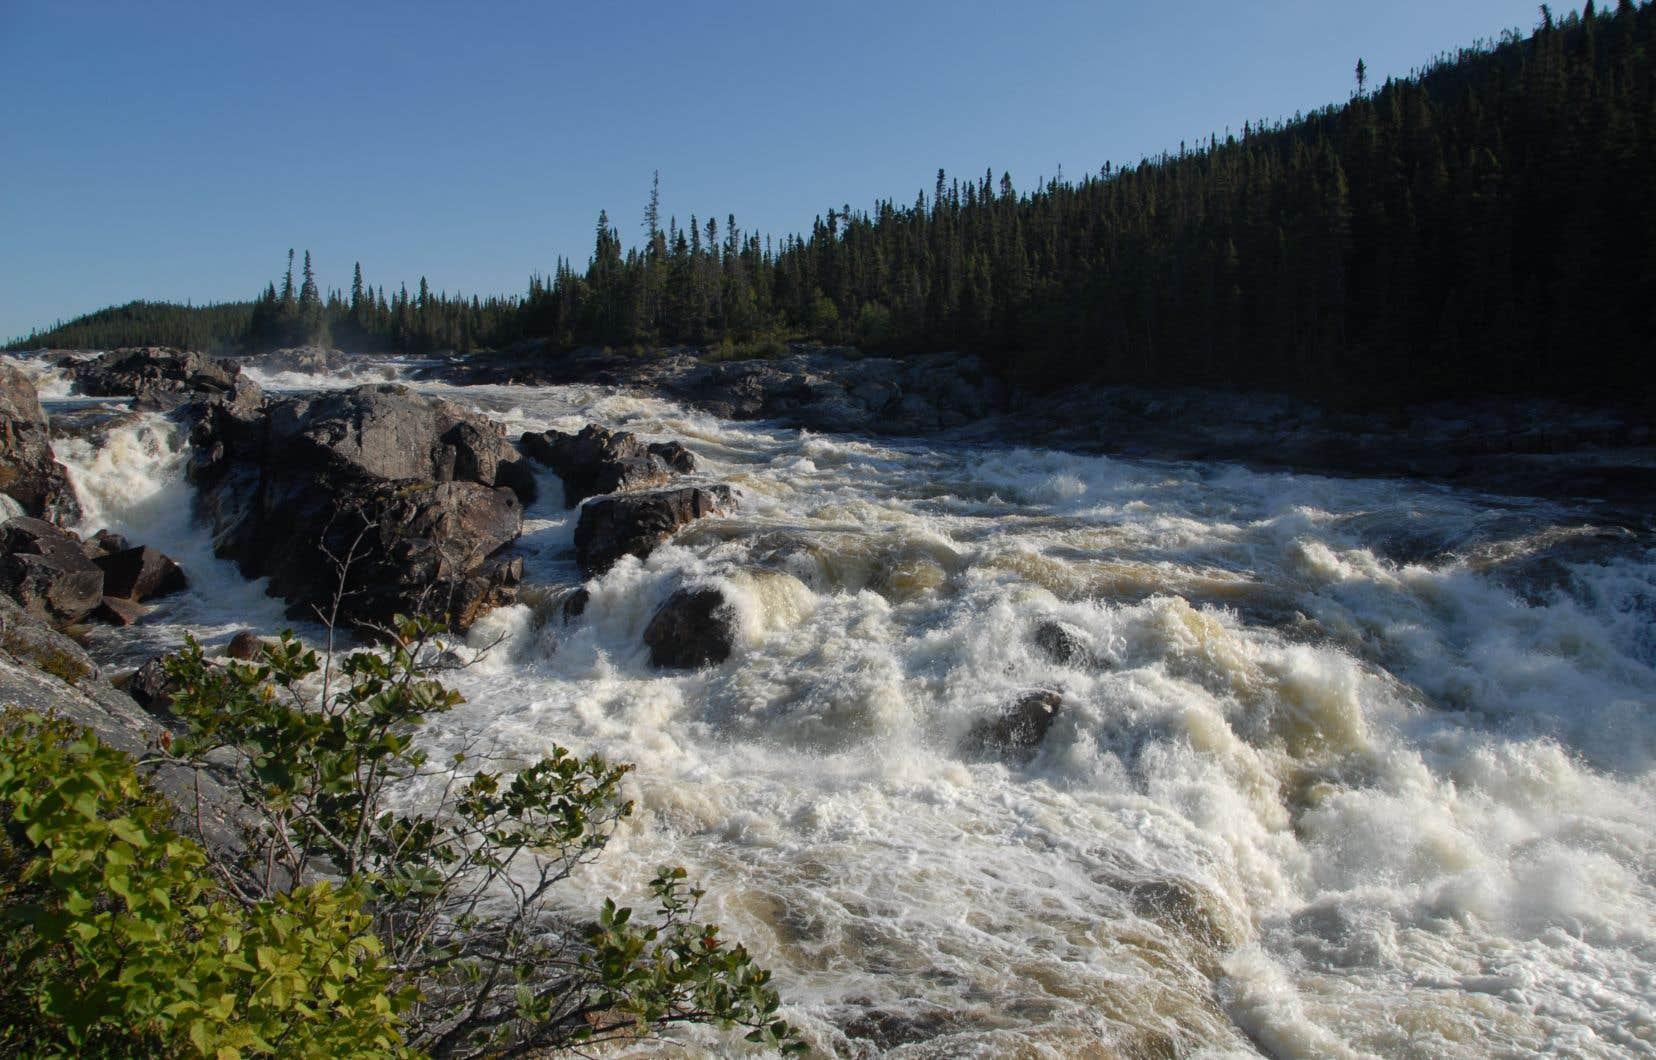 La rivière Magpie est une destination de renommée mondiale pour le rafting en eau vive. Un courant agité qui pourrait attirer Hydro-Québec dans le futur.